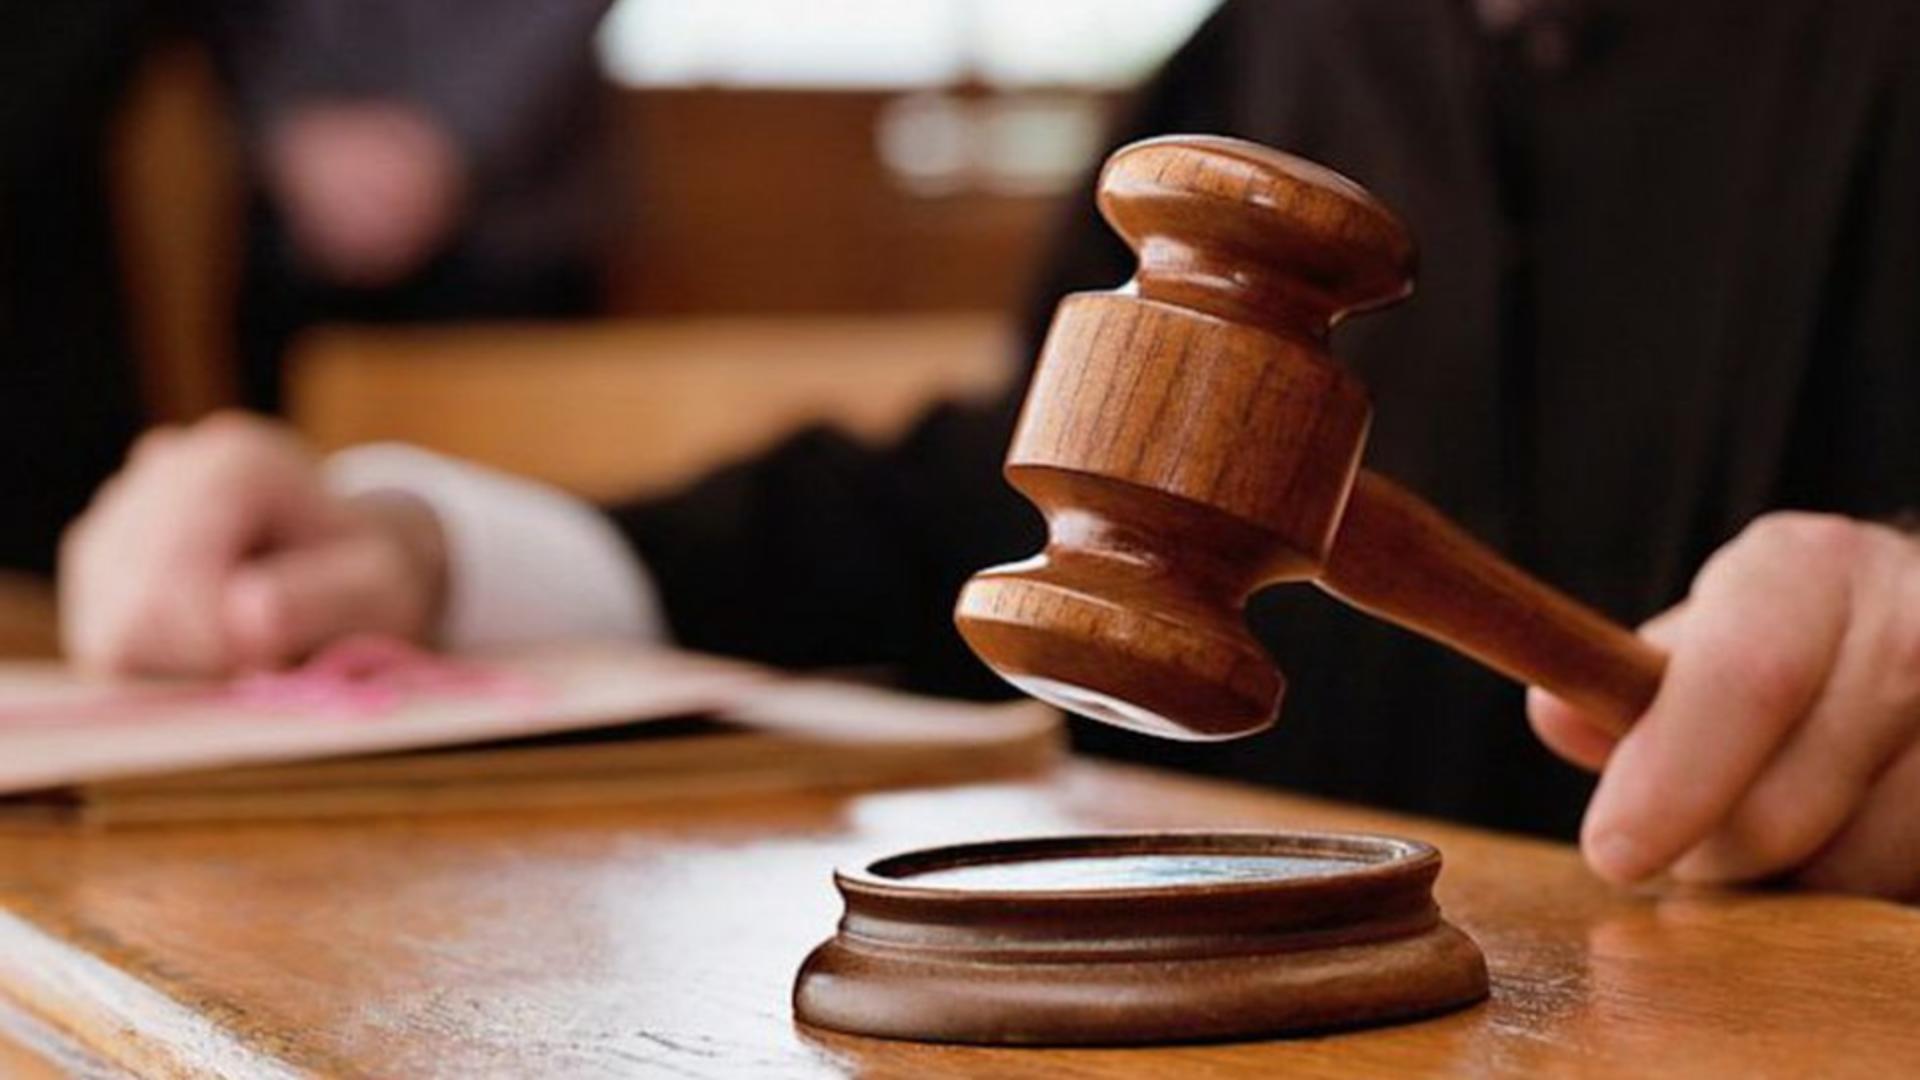 Secția pentru judecători din CSM, sare la gâtul ministrului Justiției. Foto/arhivă